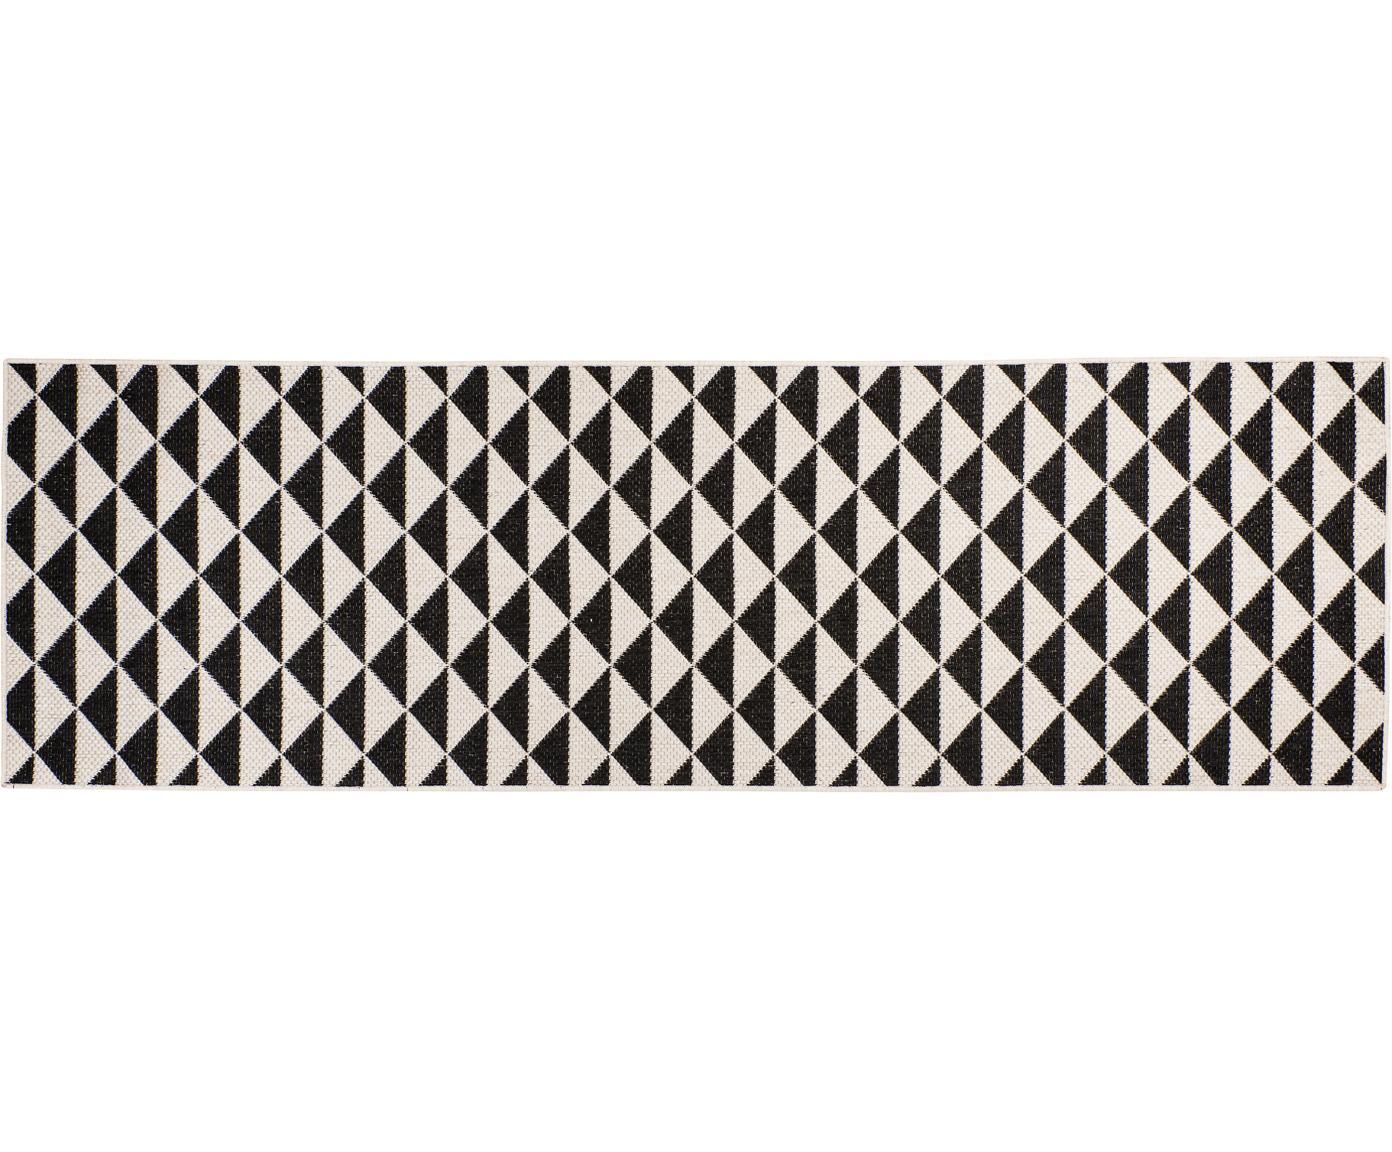 Gemusterter In- & Outdoor-Läufer Tahiti in Schwarz/Creme, 100% Polypropylen, Schwarz, Cremefarben, 80 x 250 cm